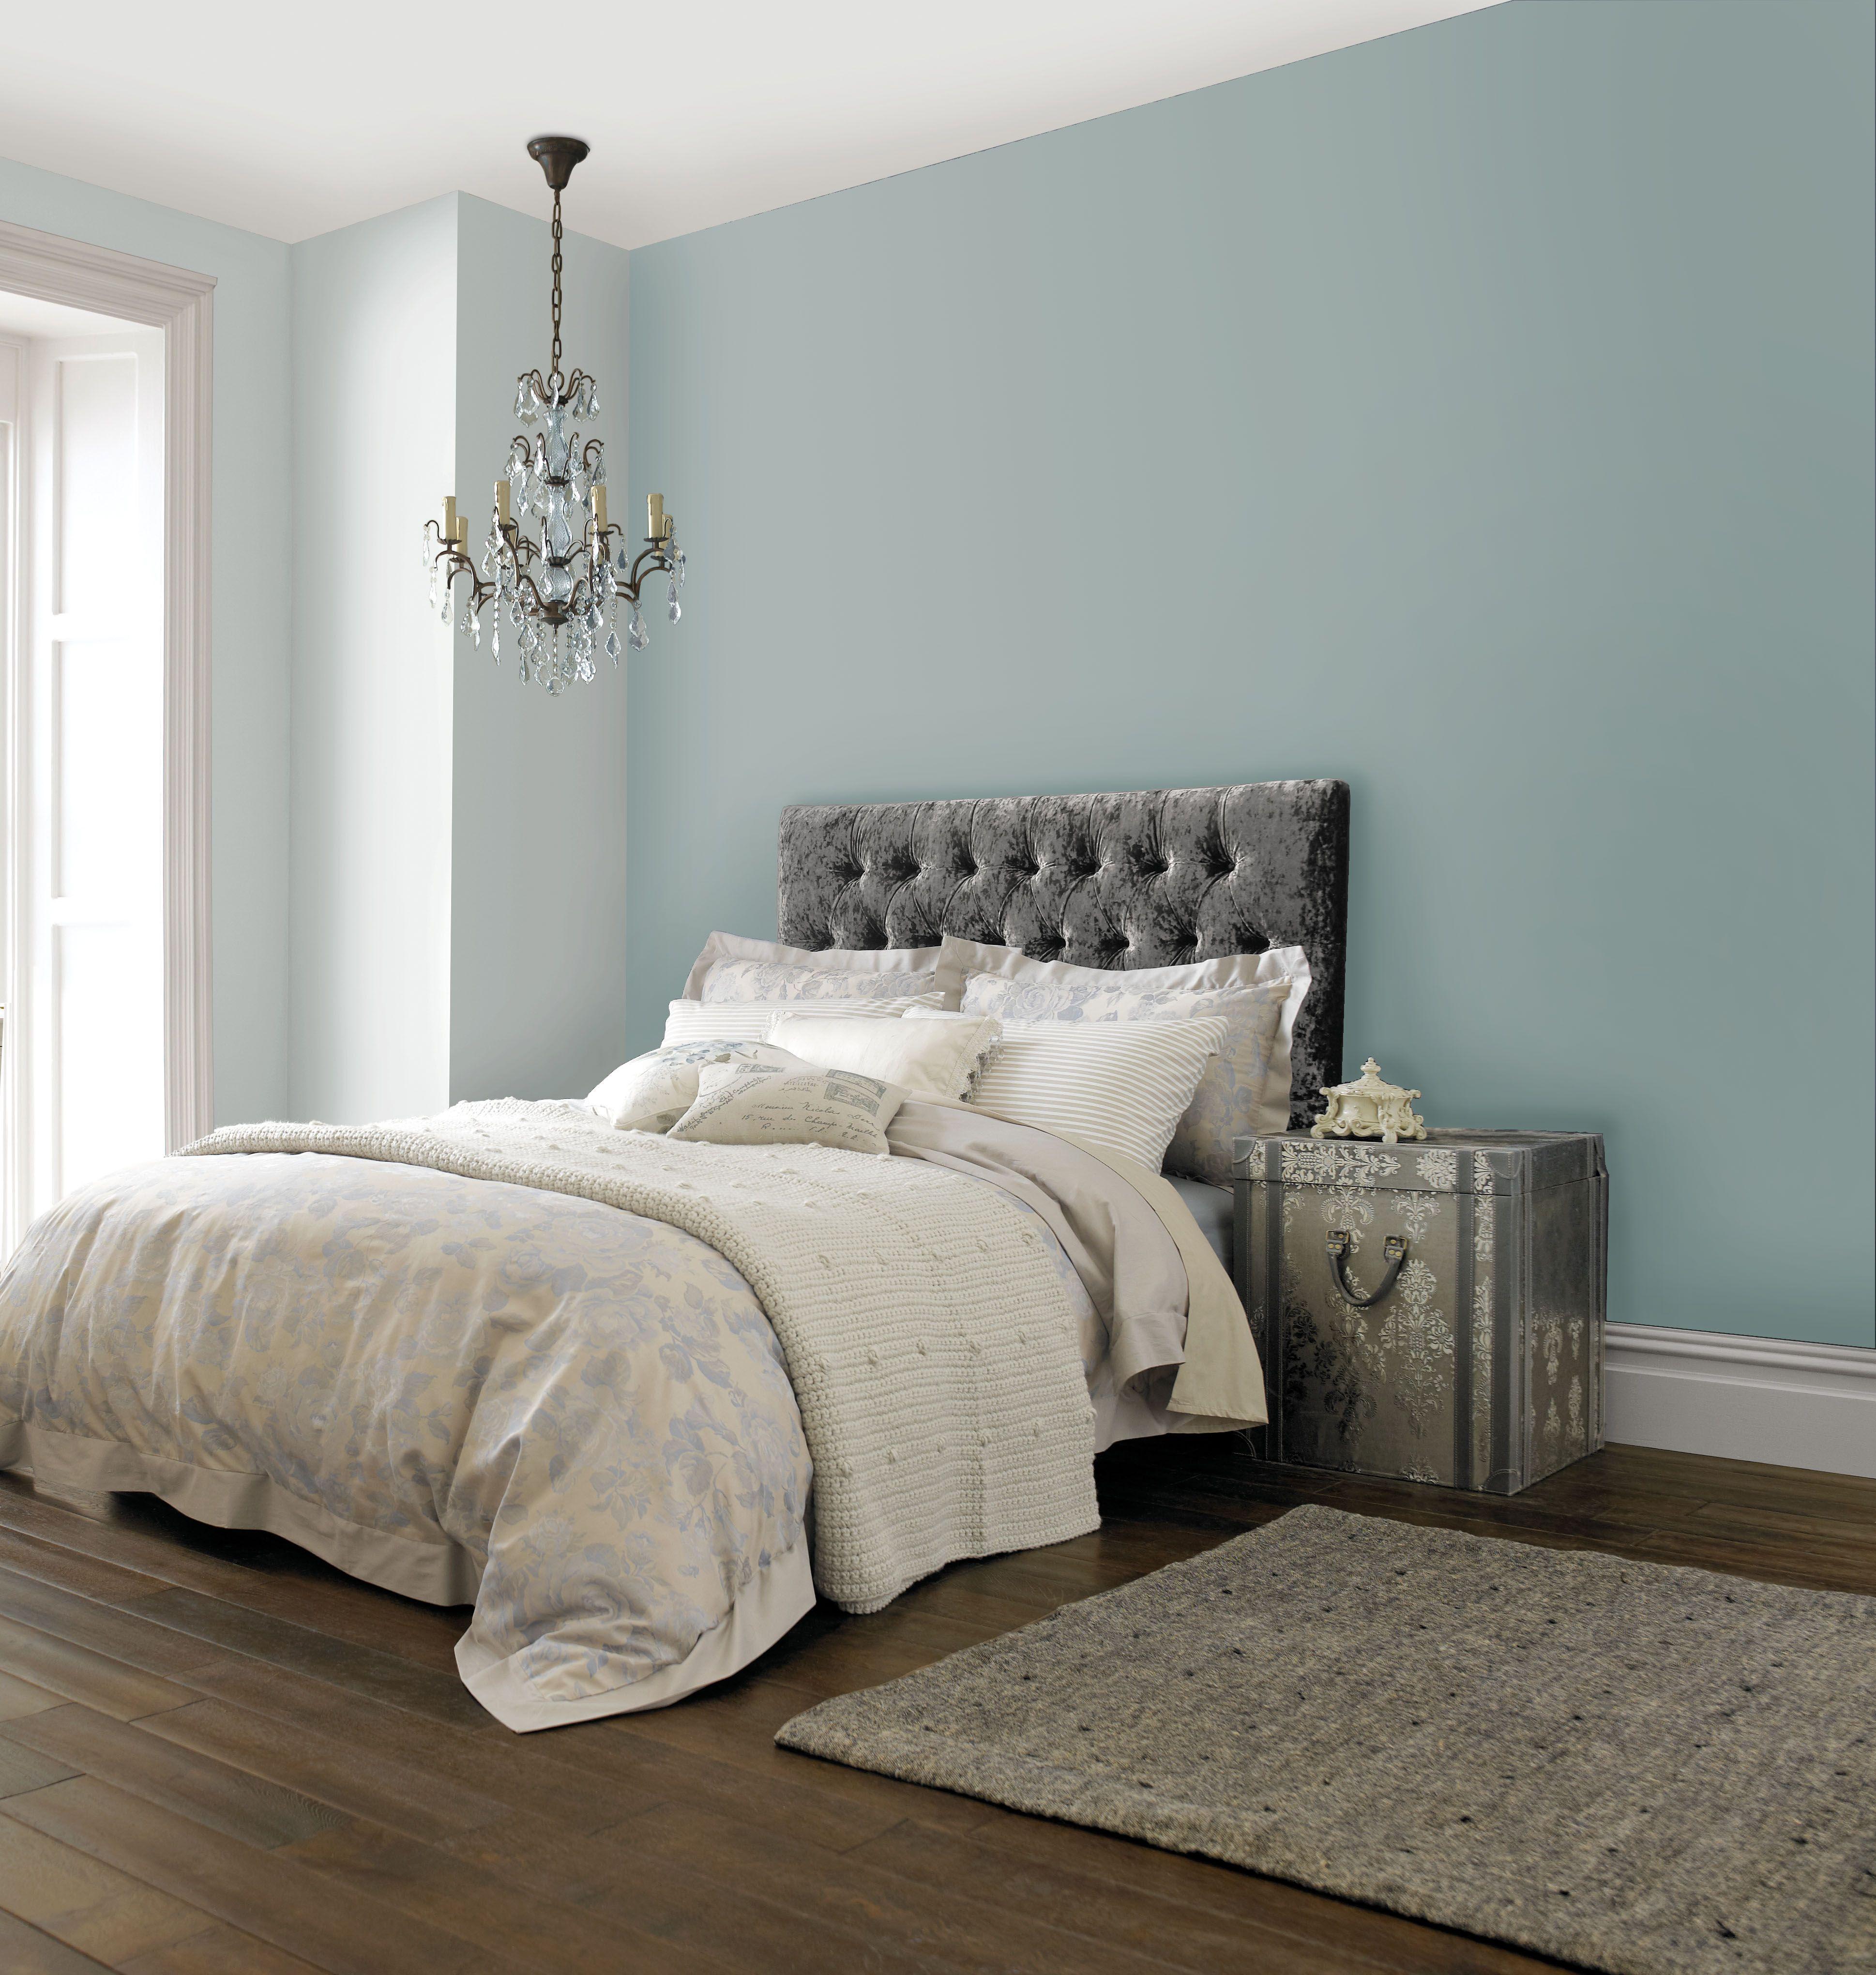 Duck Egg Colour Bedroom Bedroom Built In Cupboards Bedroom Design Ideas For Teenage Girls 2014 Bedroom Artwork Ideas: It's Not Just Paint. It's Personal. In 2019